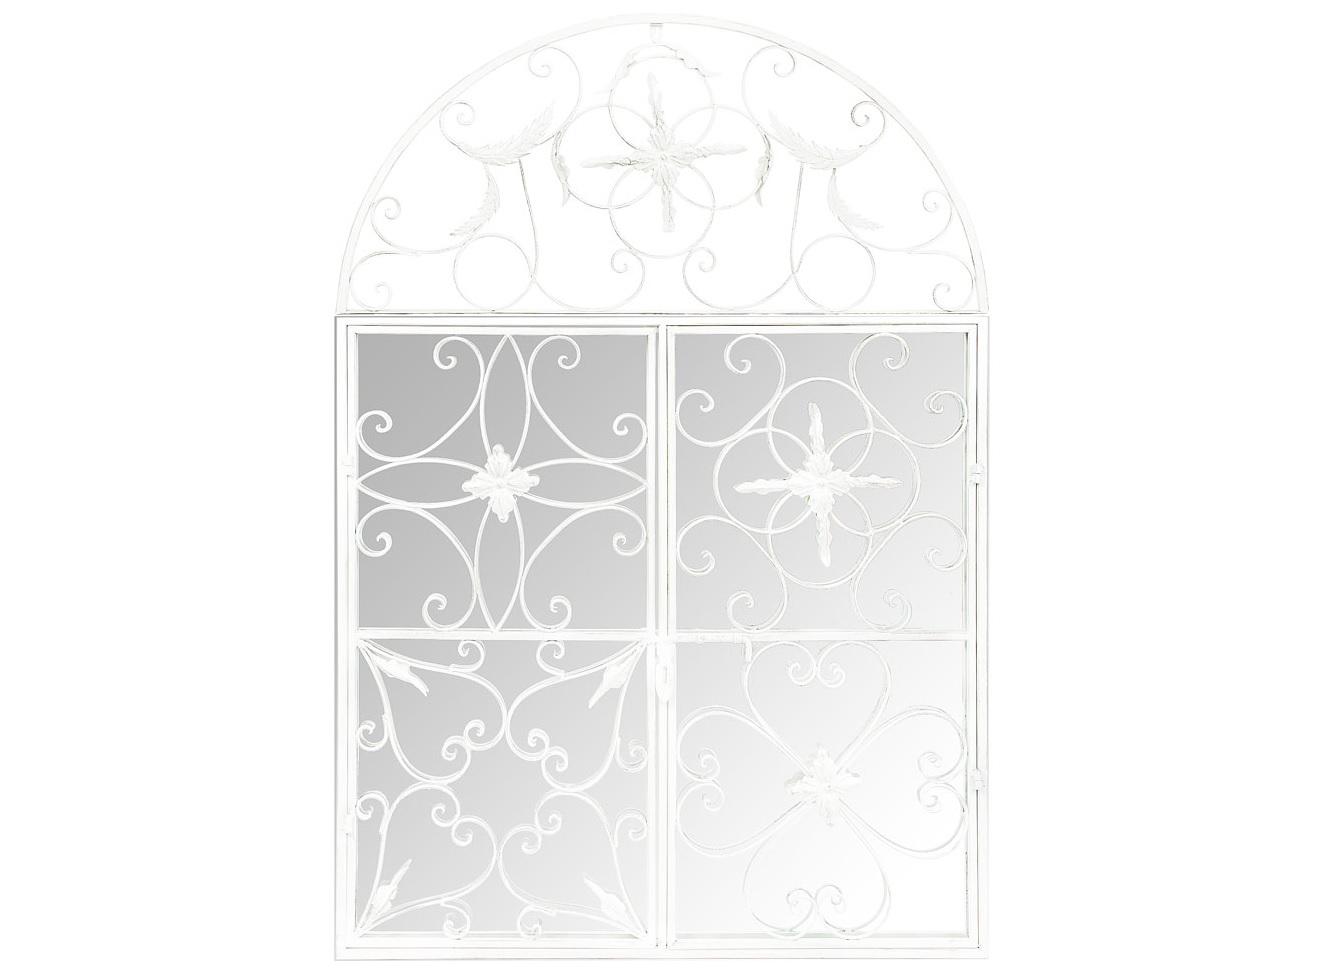 Настенное зеркало БизеНастенные зеркала<br>Зеркало &amp;quot;Бизе&amp;quot; - образцовый пример дизайнерского зеркала, задачей которого является отражение не внешности, а креативных предпочтений владельца.  Замысловатые узоры пяти сегментов рамы не повторяют друг друга. При этом каждый из узоров обладает безупречной симметрией, формируя общую гармонию этого поистине уникального интерьерного украшения.  Рама легко открывается с помощью обычного оконного засова. Это не только придаст дизайну особое обаяние, но и упростит Вам уход за зеркалом.<br><br>Material: Металл<br>Width см: 86<br>Depth см: 8<br>Height см: 125